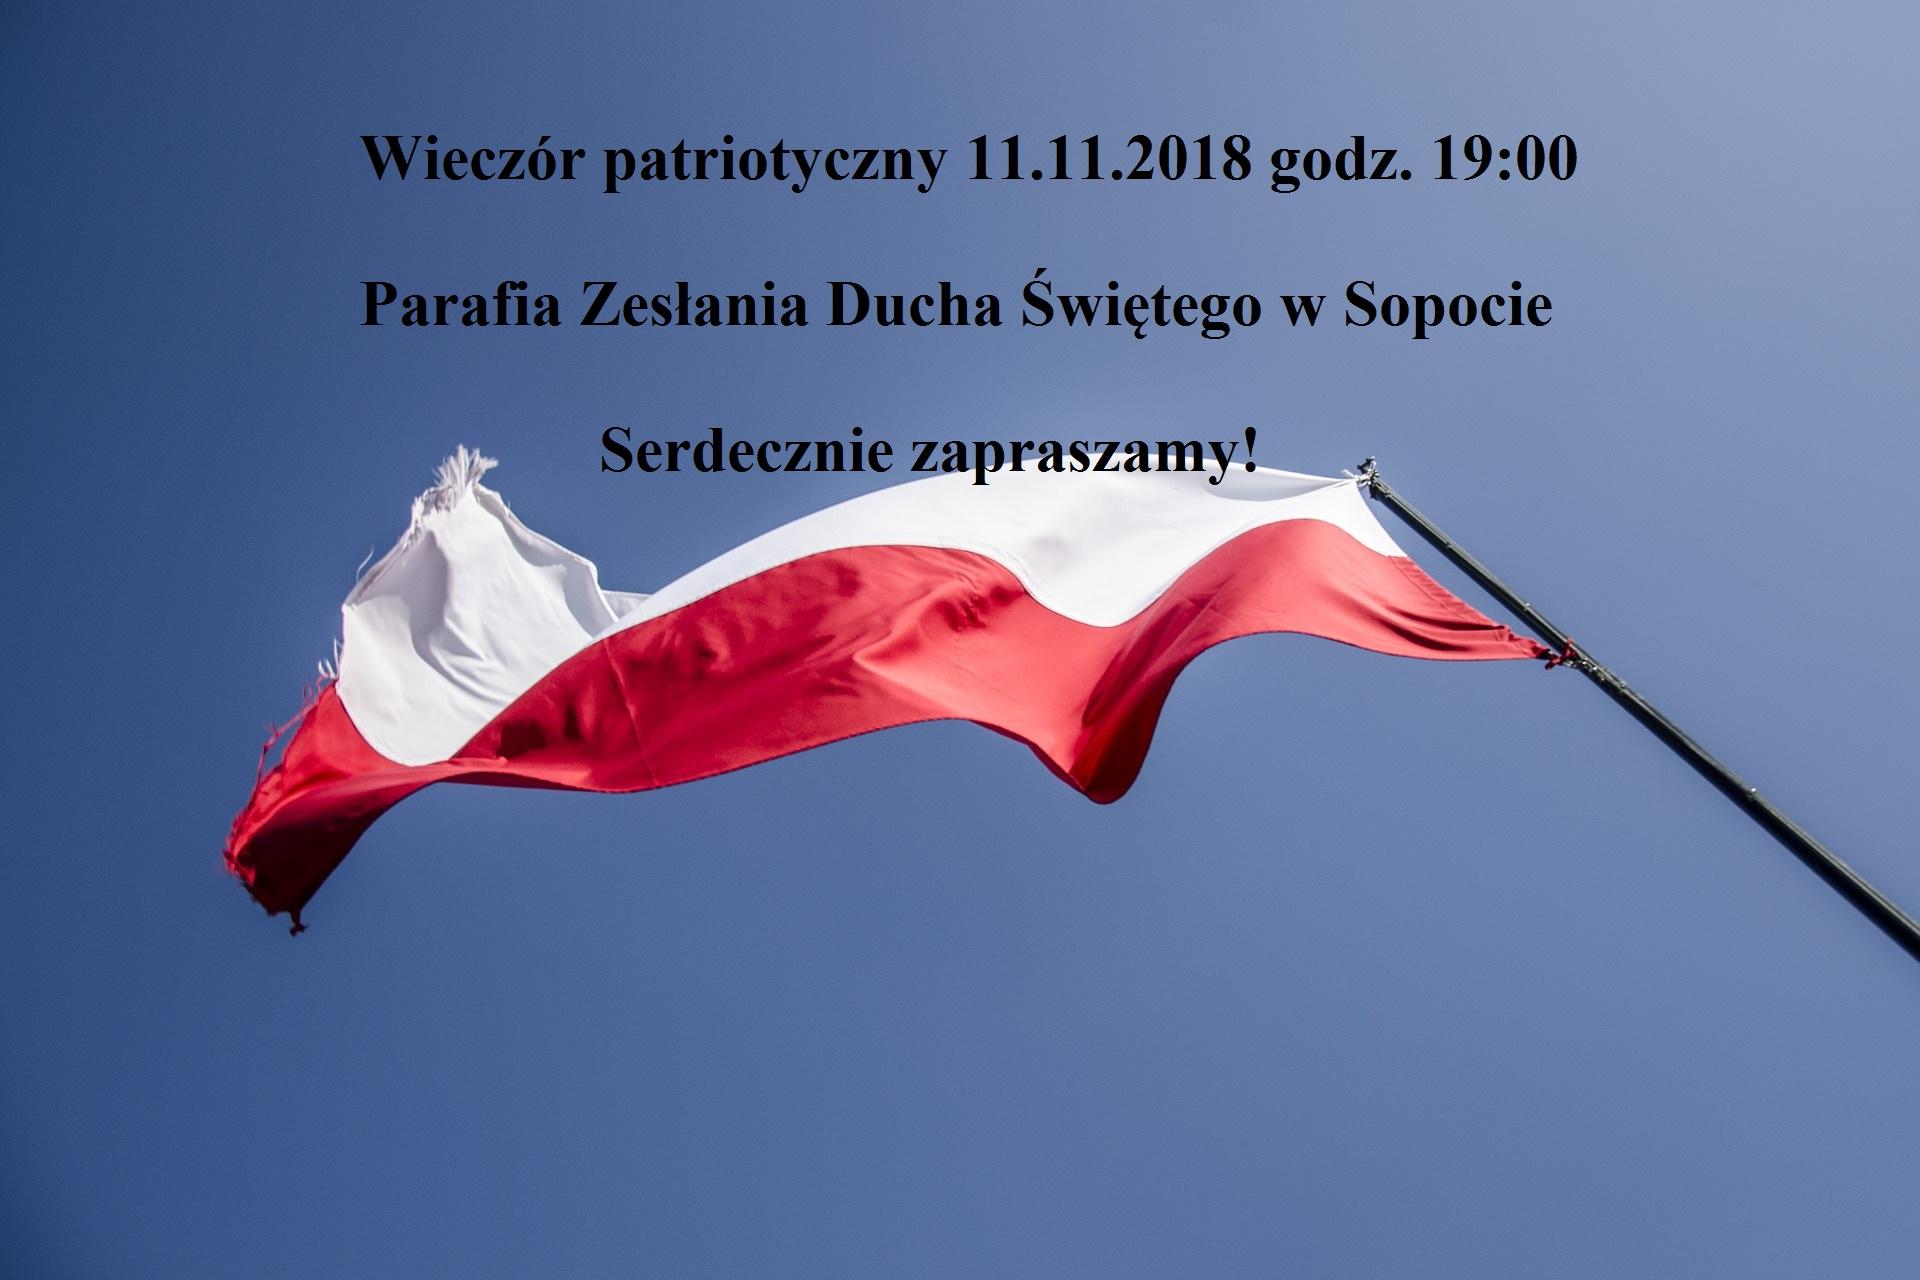 Wieczór Patriotyczny na100-lecie niepodległości Polski